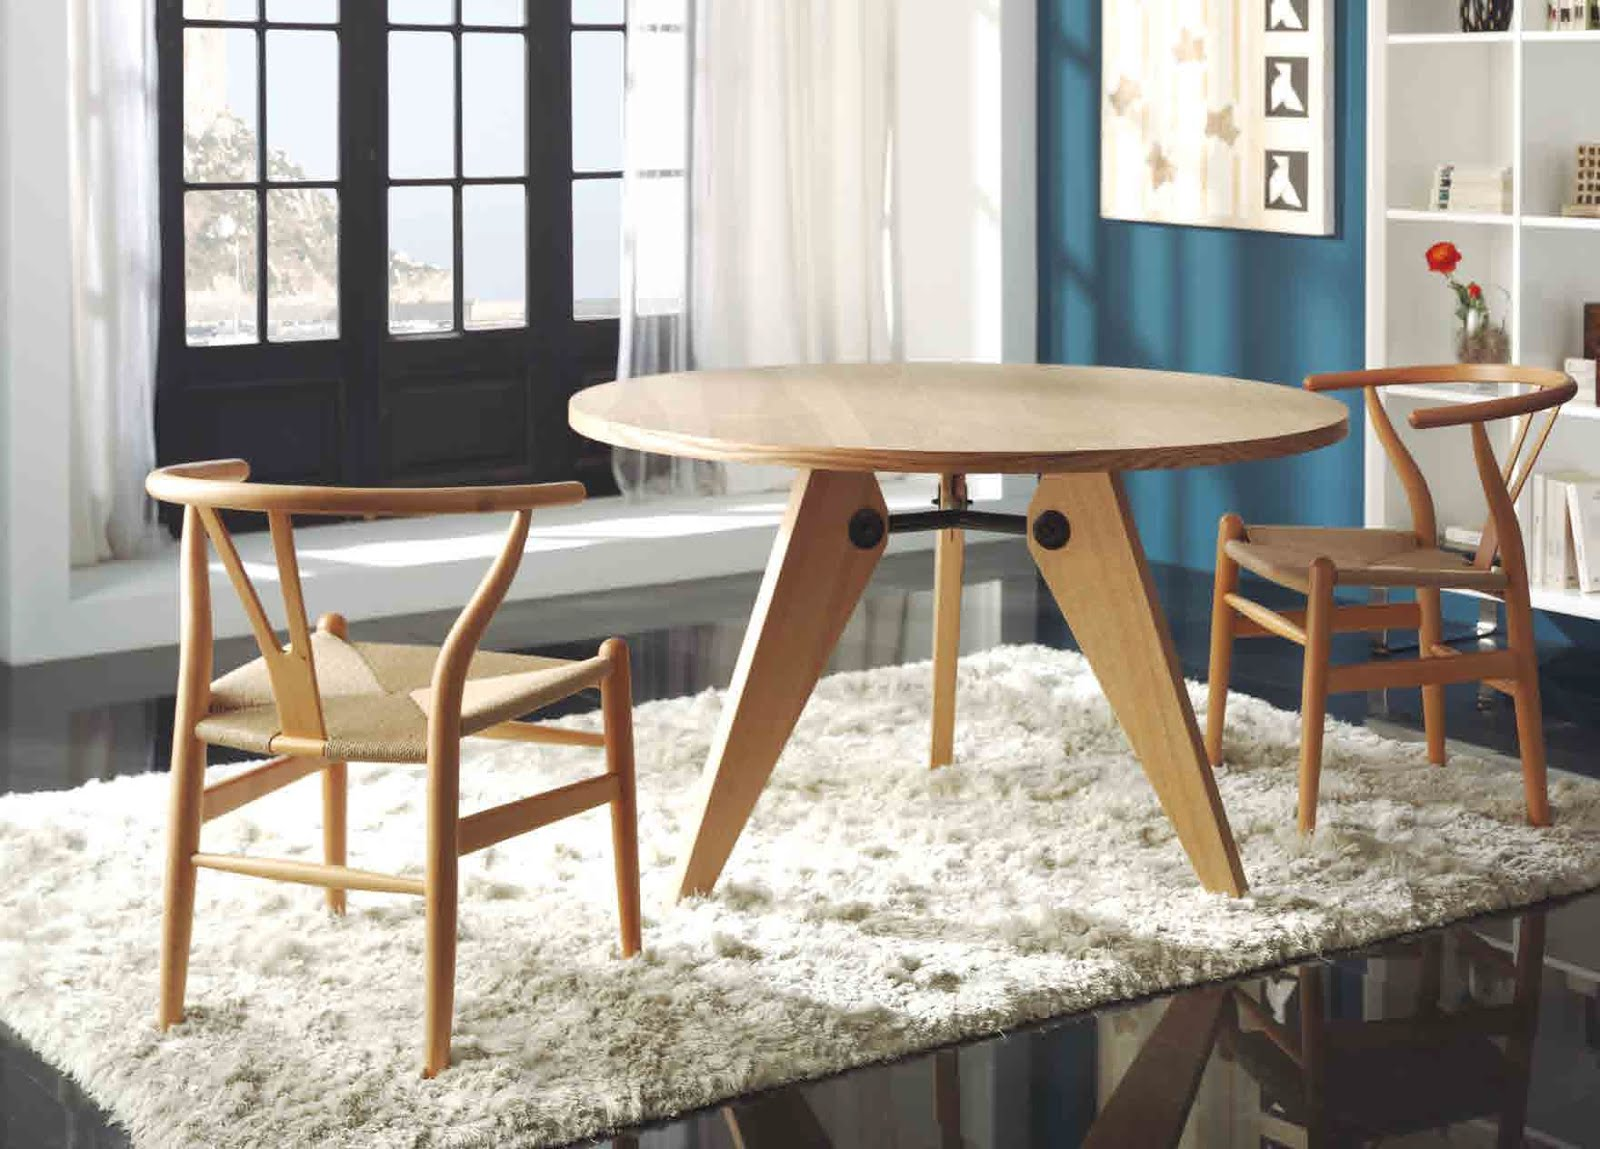 Promociones muebles xikara for Mesa estilo nordico